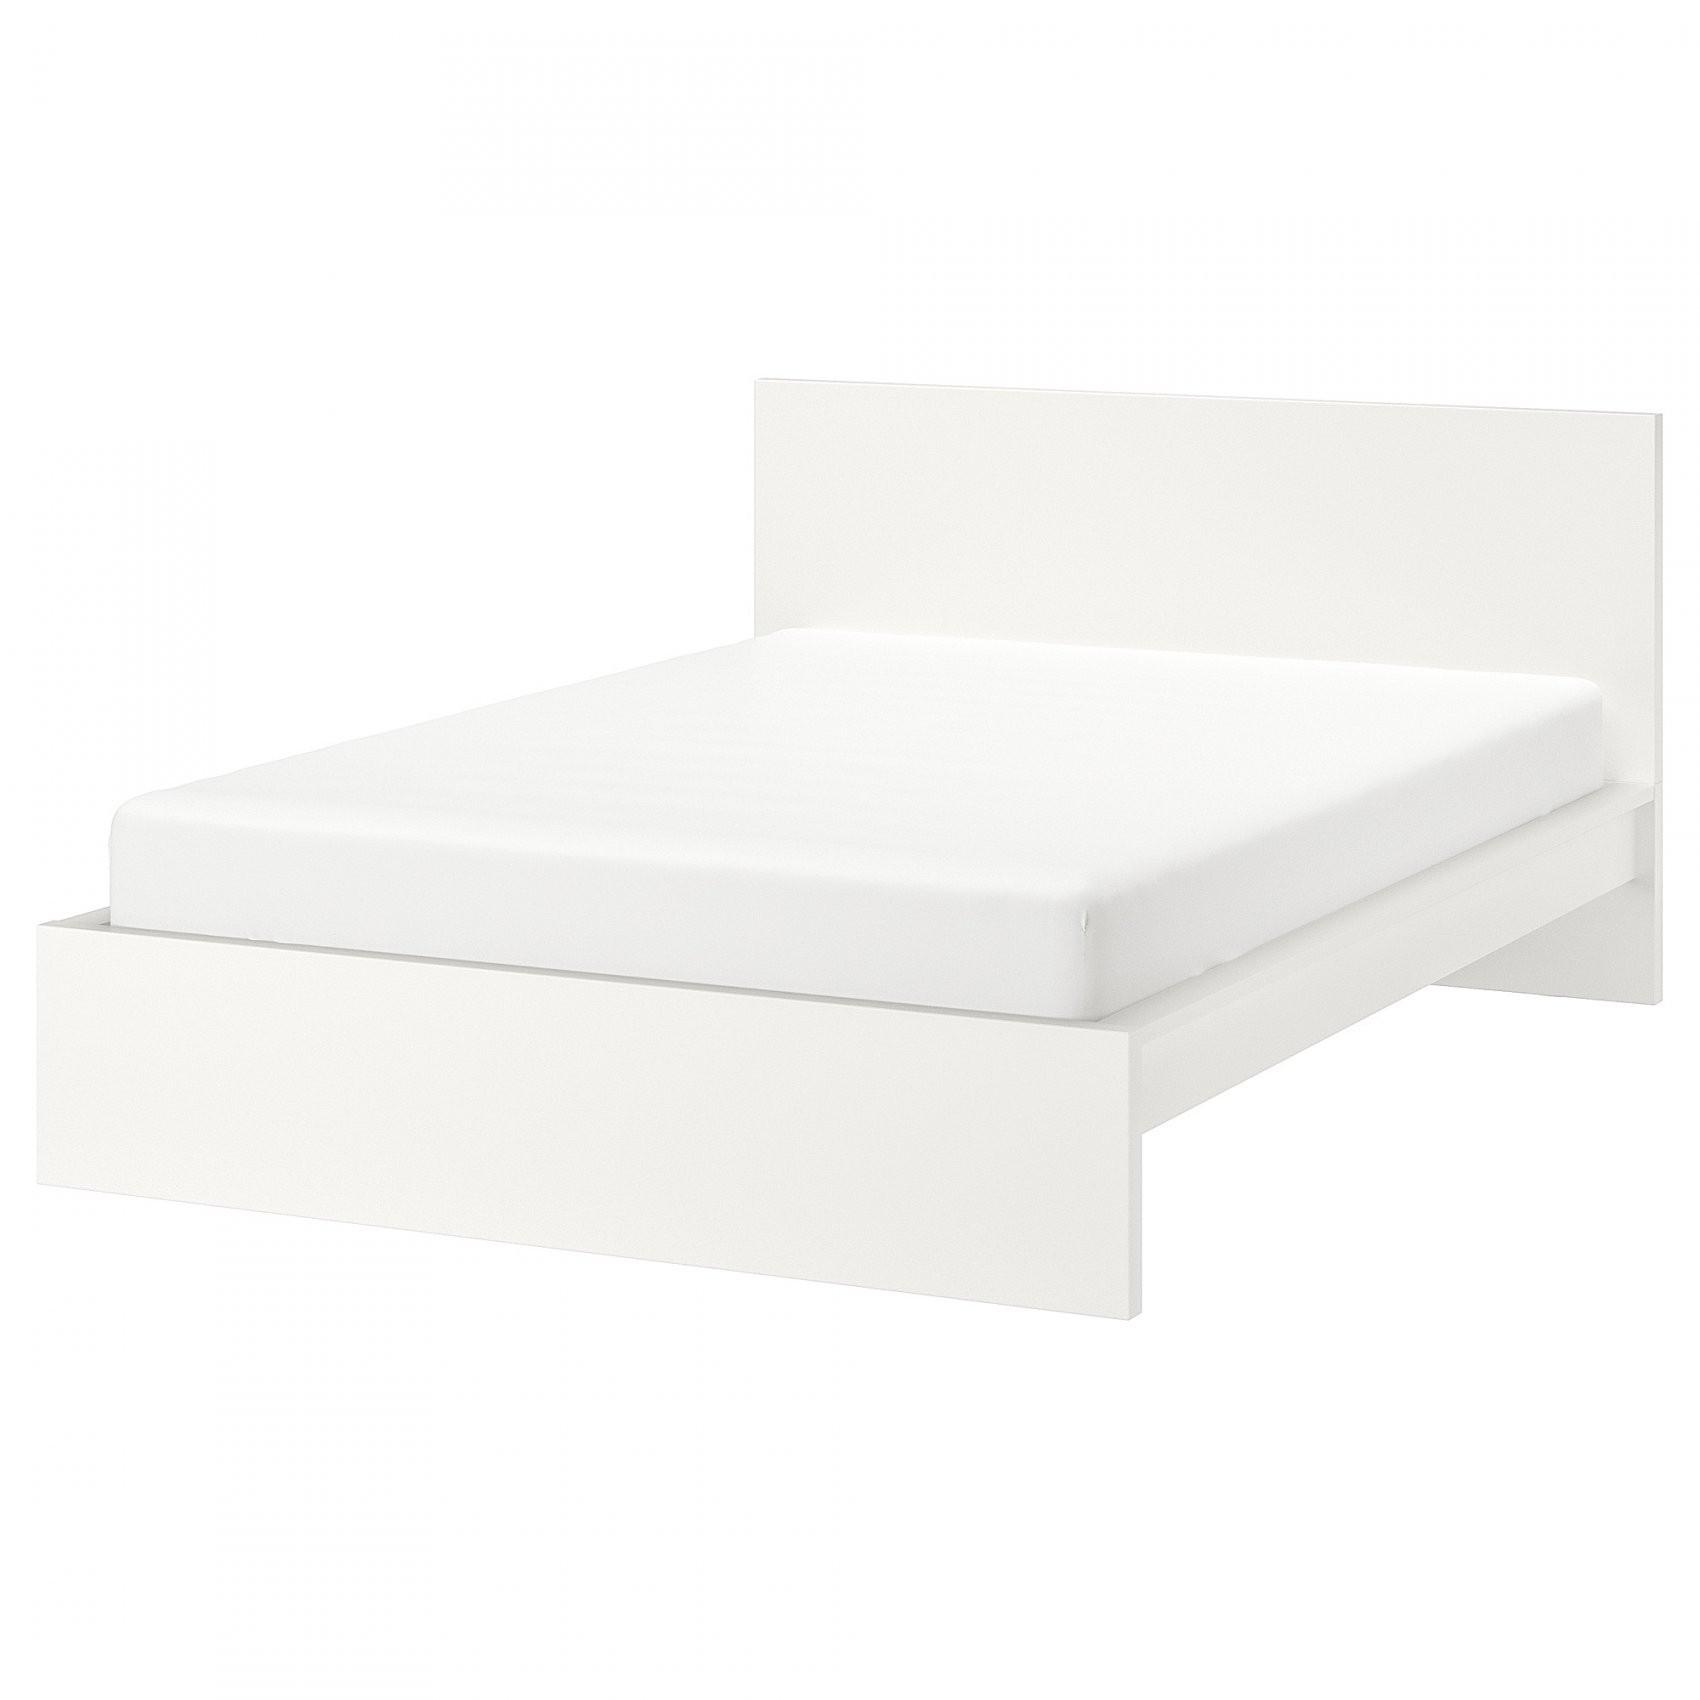 Malm Bettgestell Hoch  140X200 Cm  Weiß  Ikea von Weißes Bett 140X200 Ikea Bild